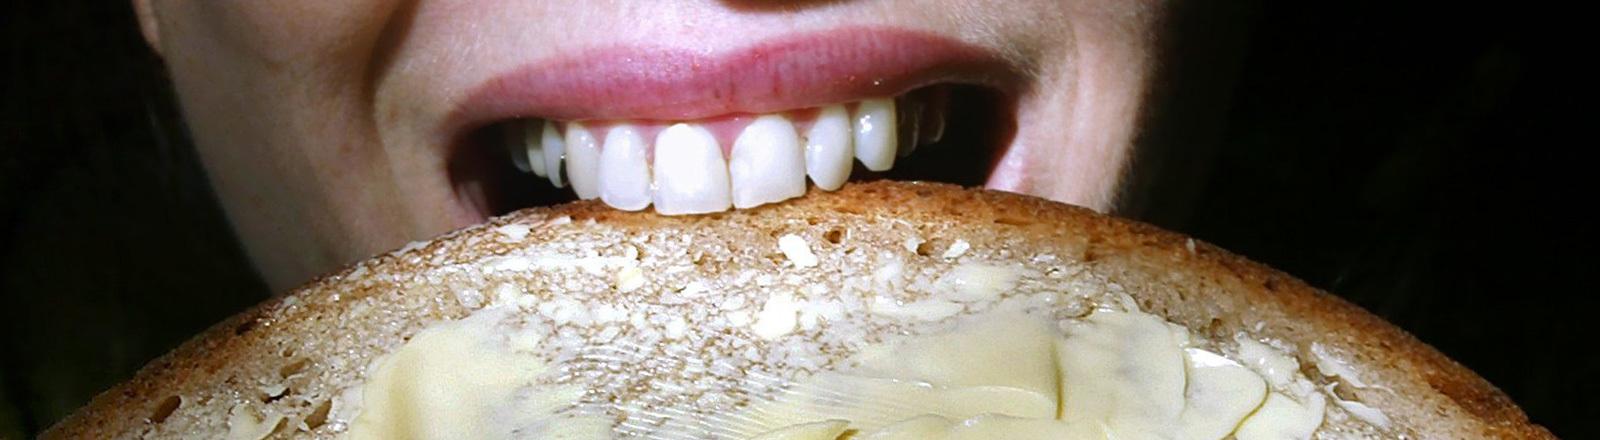 Eine Frau beißt in ein Butterbrot. Nur ihr Mund ist zu sehen; Foto: dpa